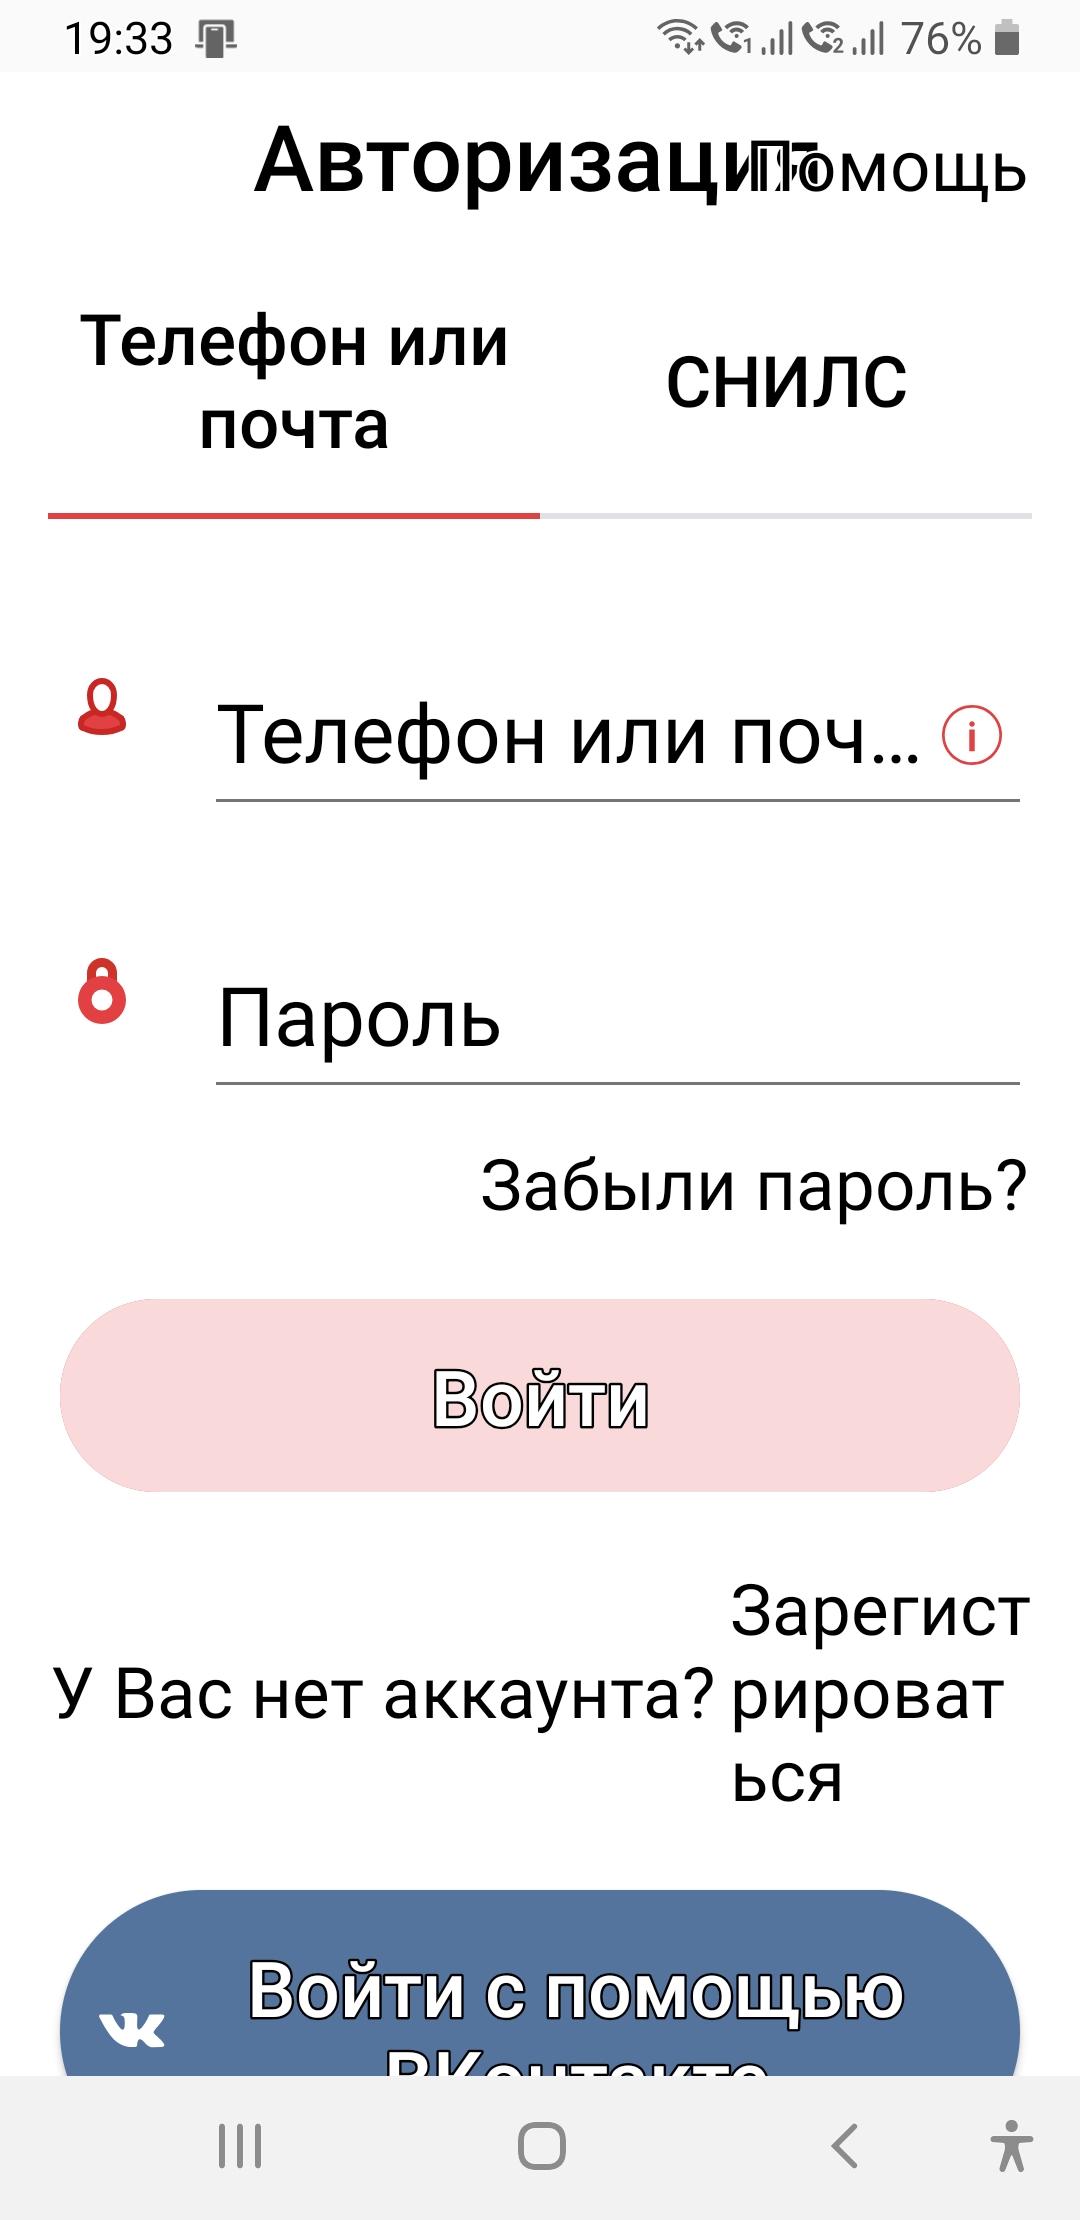 гос.мос_03_авторизация